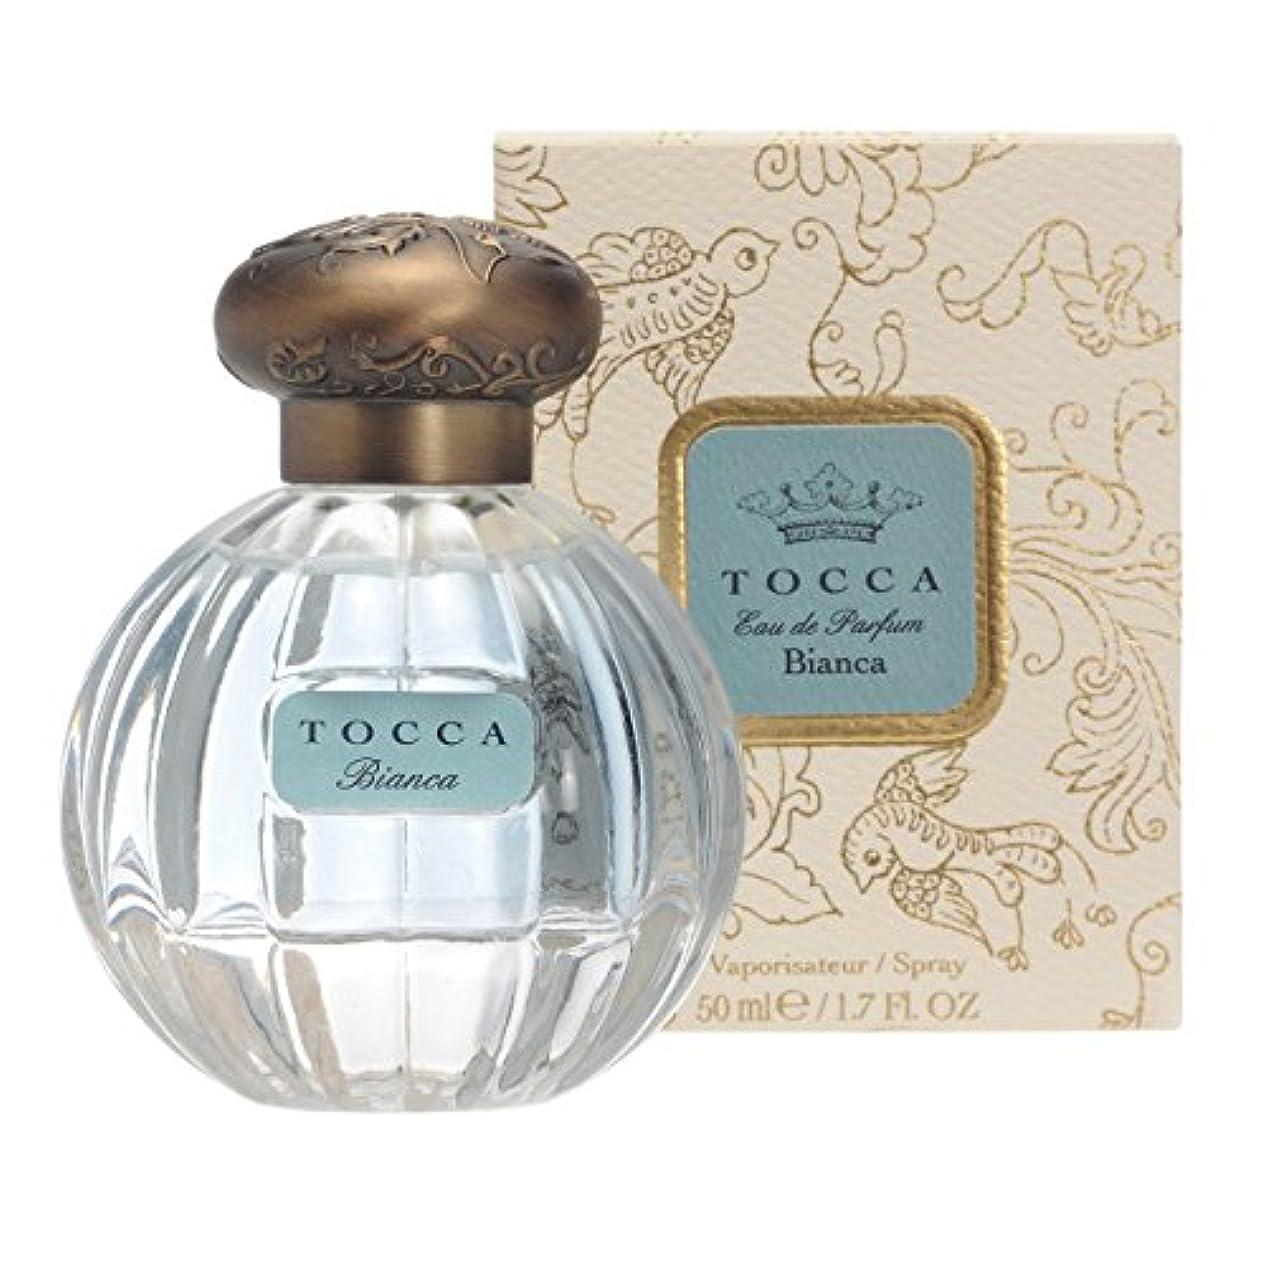 異なる原子上陸トッカ(TOCCA) オードパルファム ビアンカの香り 50ml(香水 海を眺めながらのティータイムのようなグリーンティーとシトラス、ローズが溶け合う爽やかで甘い香り)